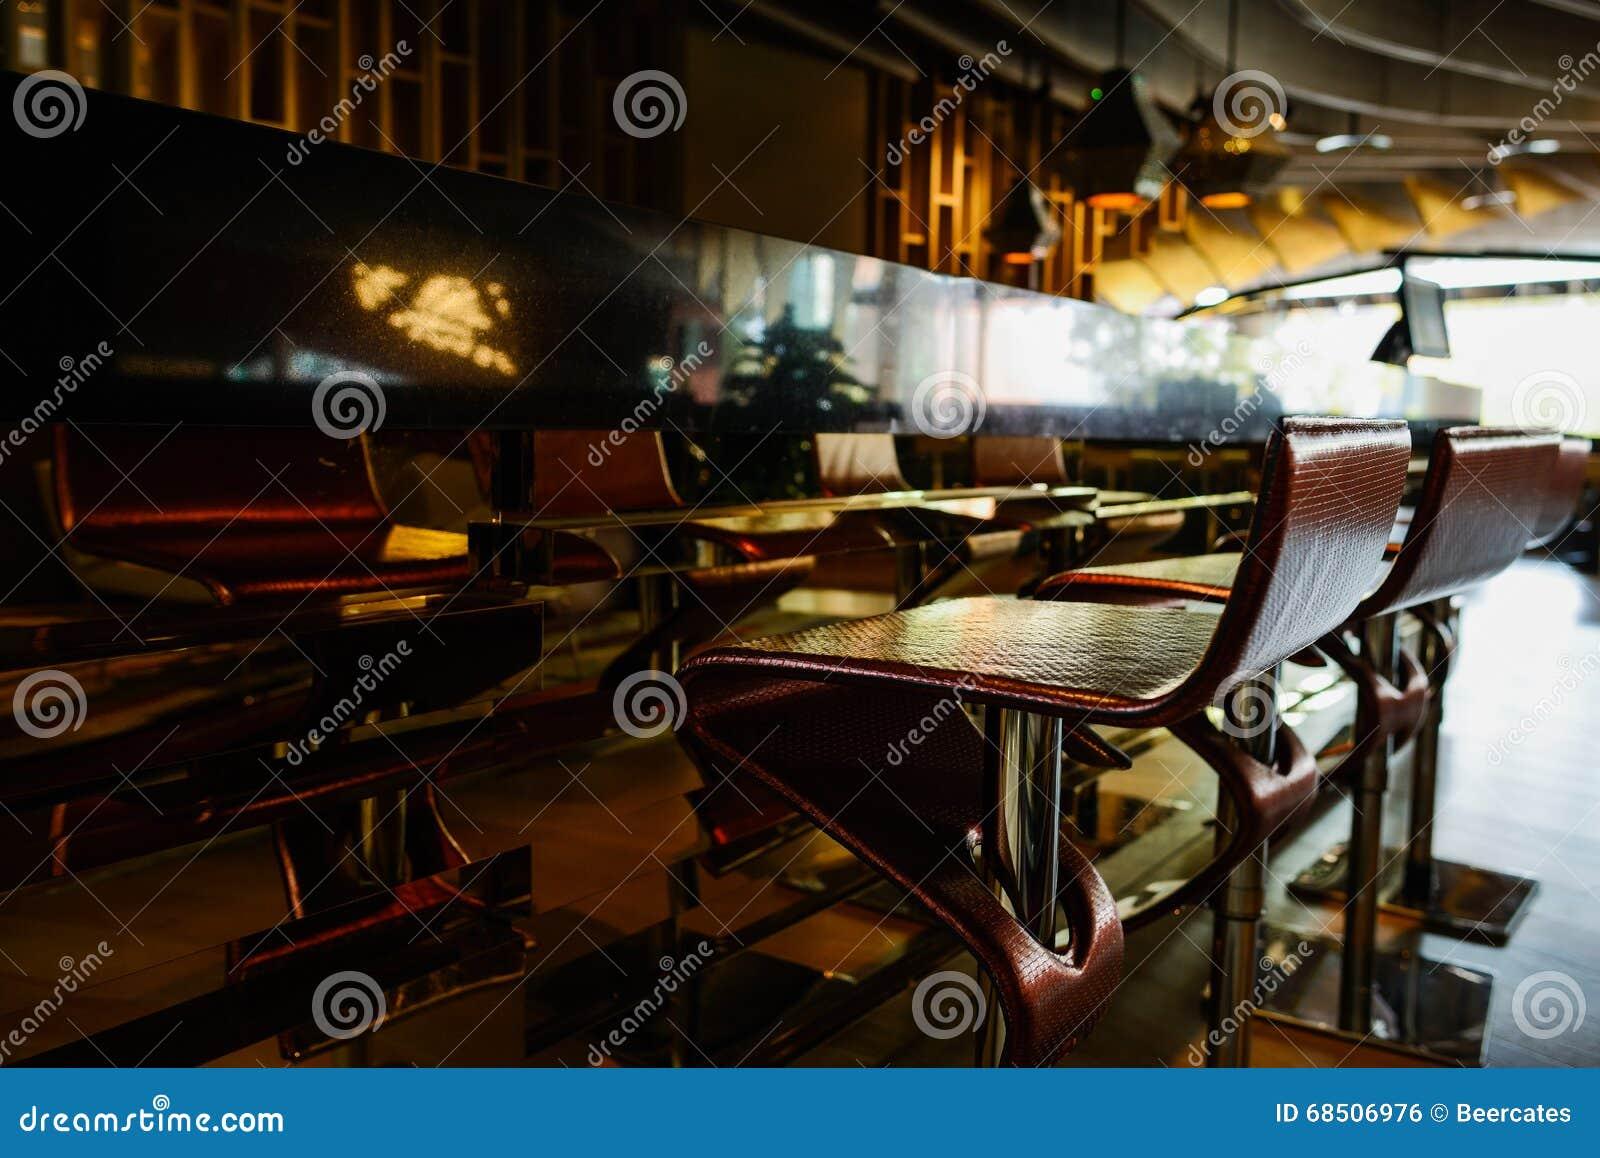 Sgabelli da bar moderni davanti al contatore fotografia stock